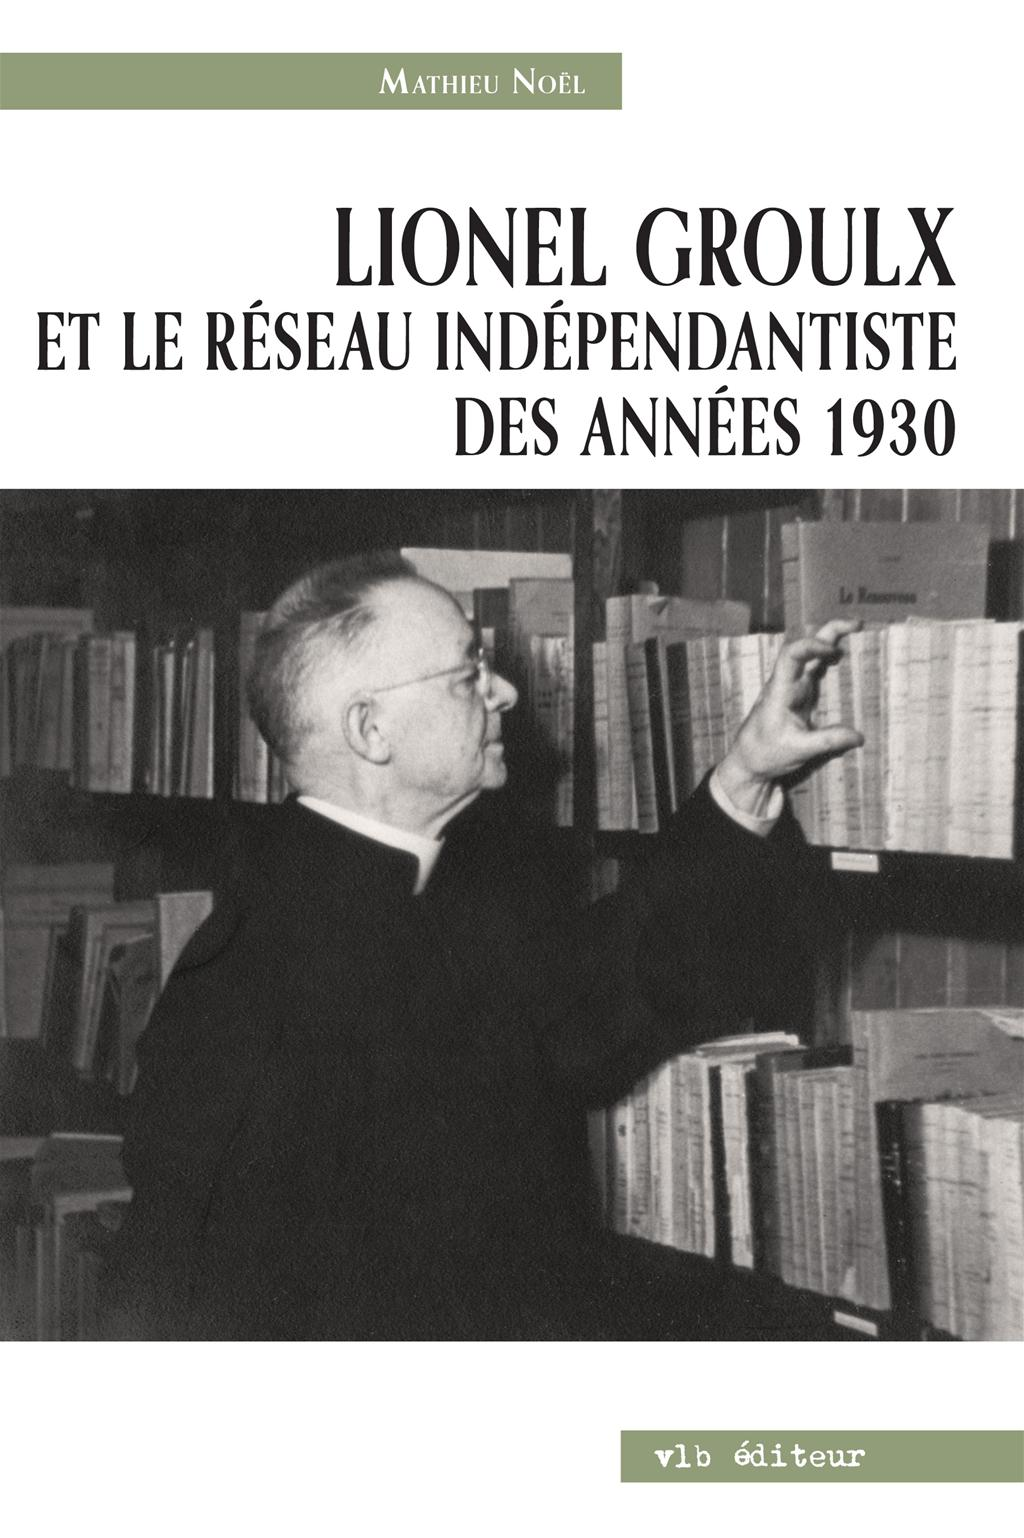 Lionel Groulx et le réseau indépendantiste des années 1930